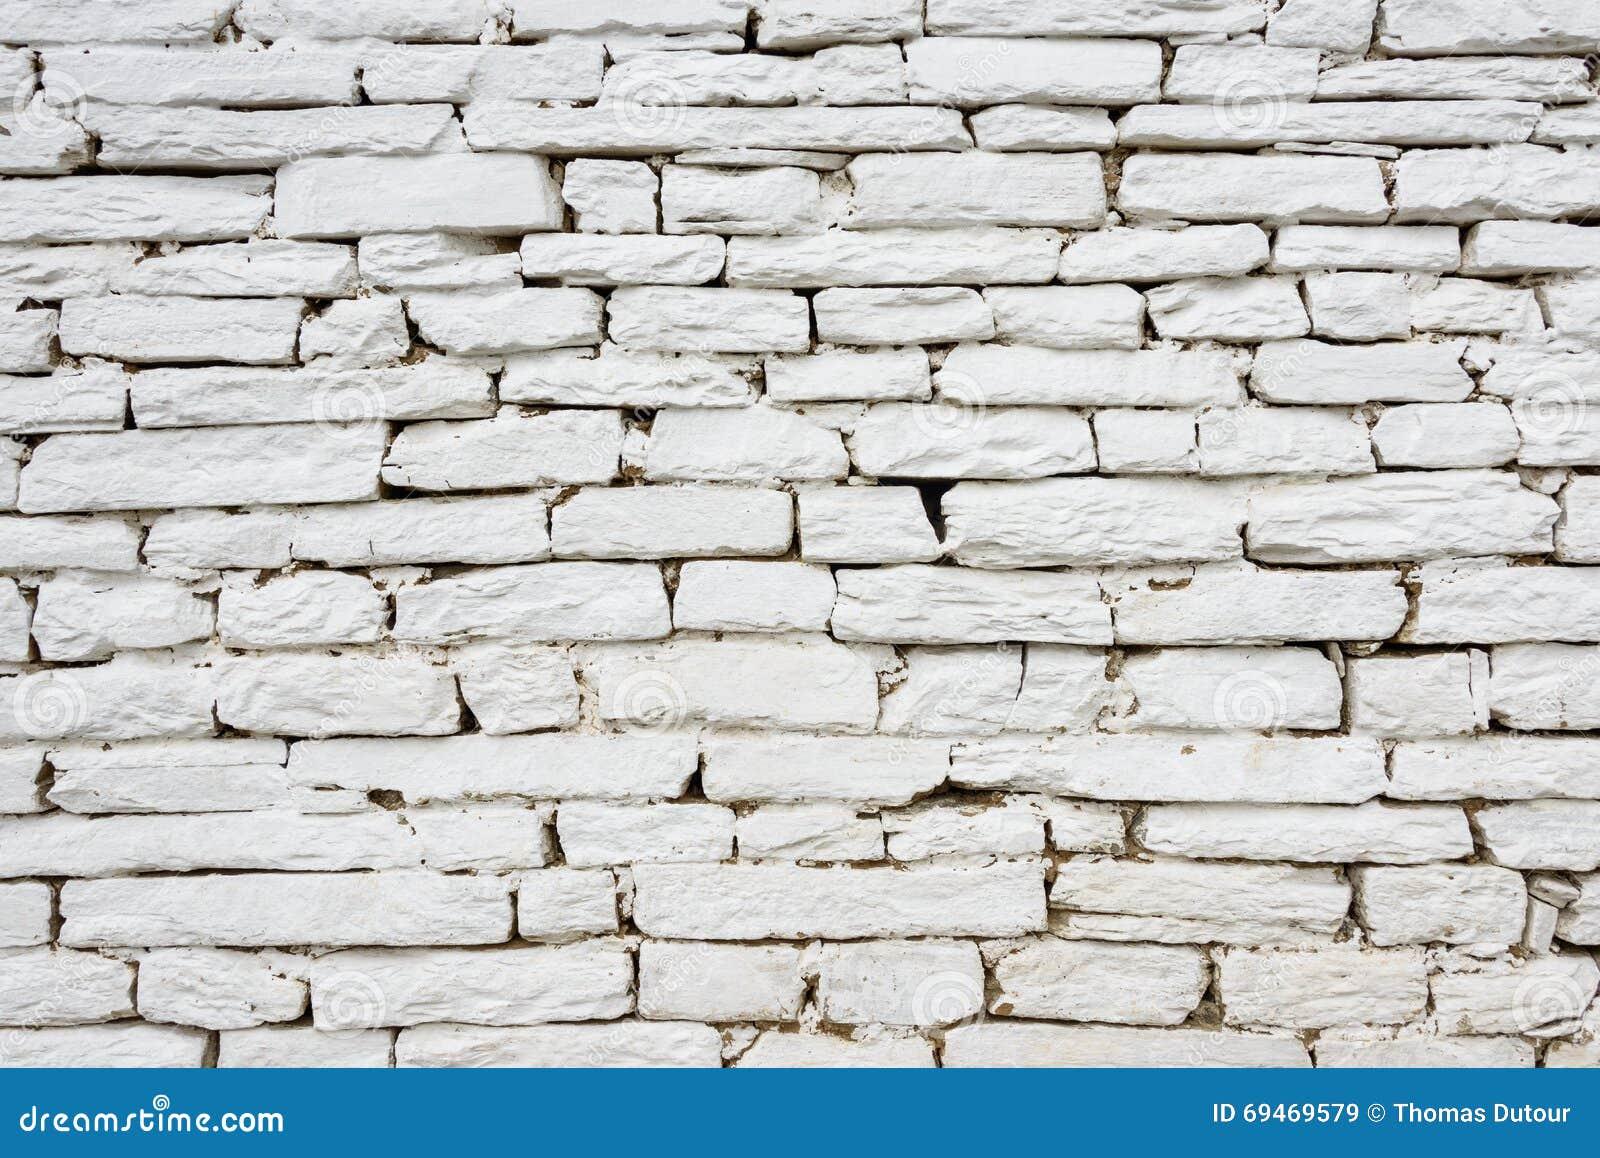 Weiße Steinwand weiße steinwand stockbild. bild von felsen, stonewall - 69469579